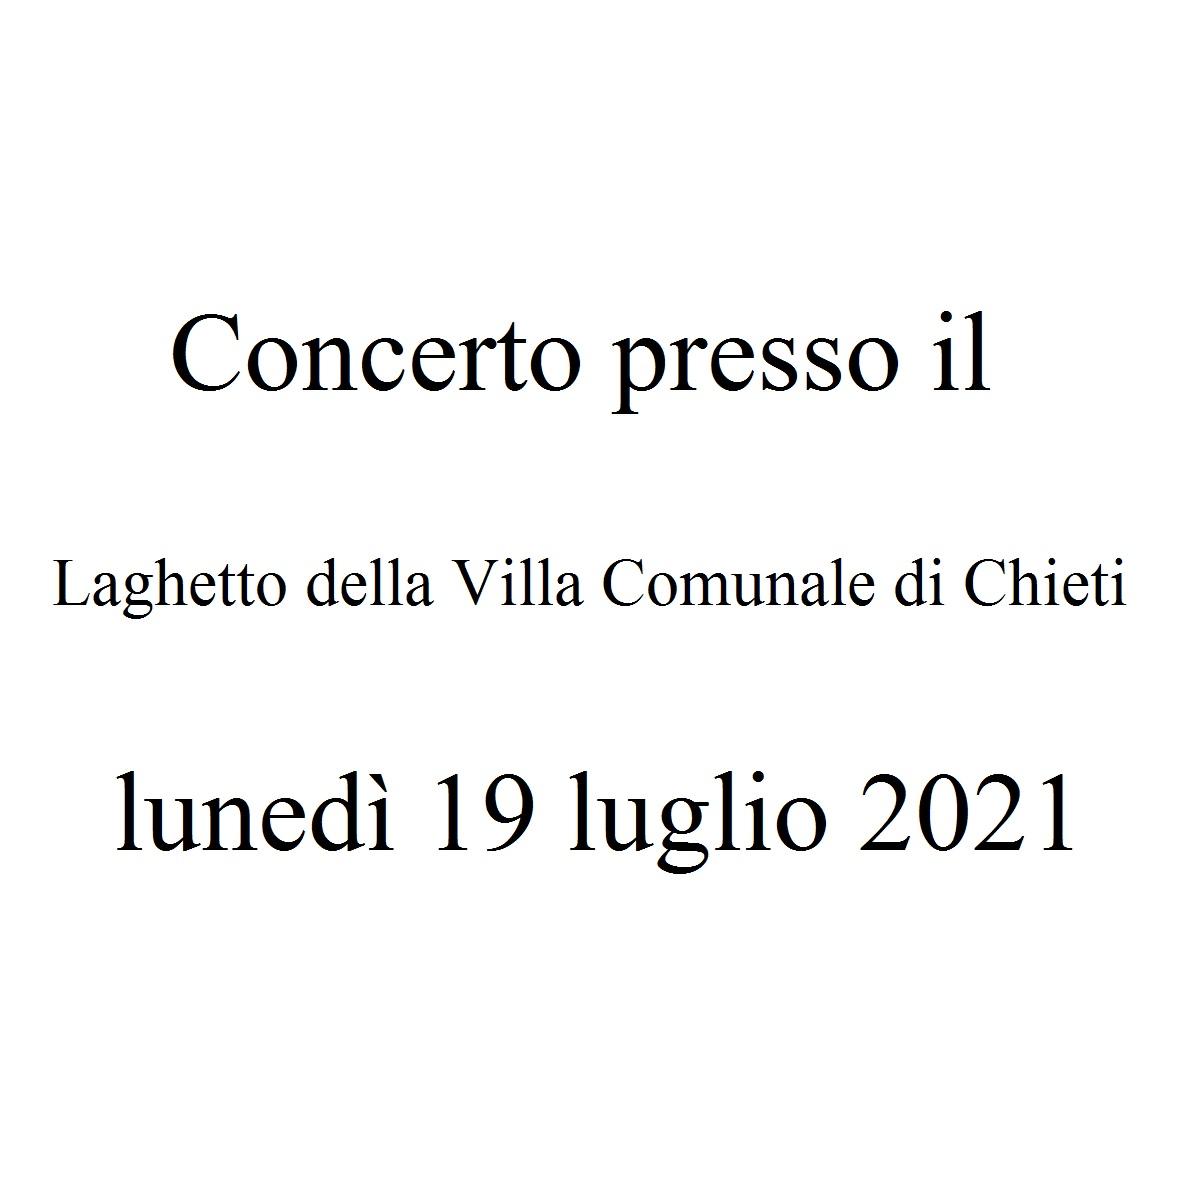 Concerto presso la Pescheria a Chieti 18 luglio 2021 foto